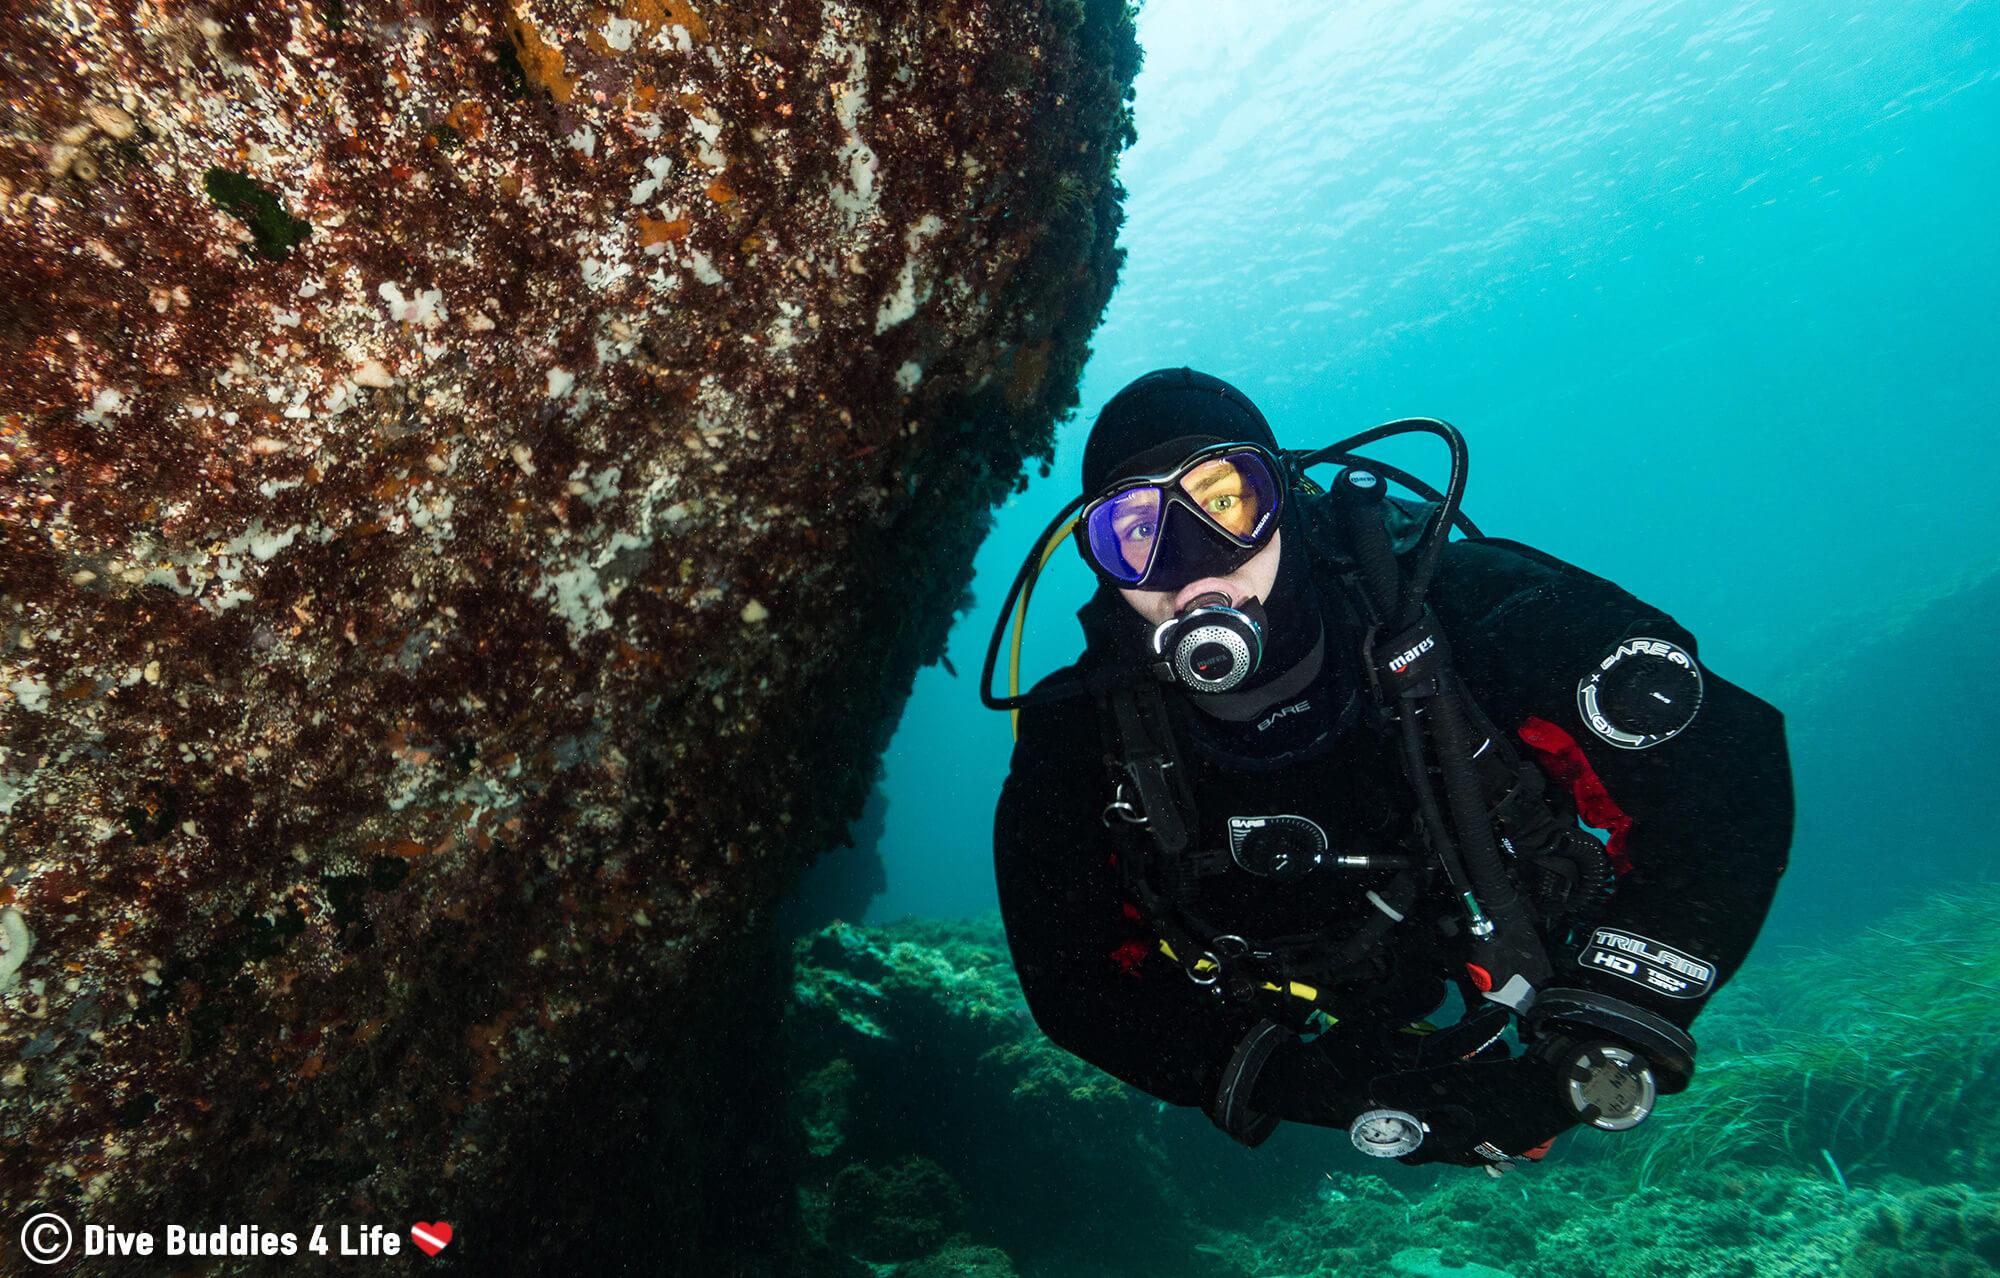 Joey Scuba Diving A Nice Wall In Spain's Murcia Region, Europe